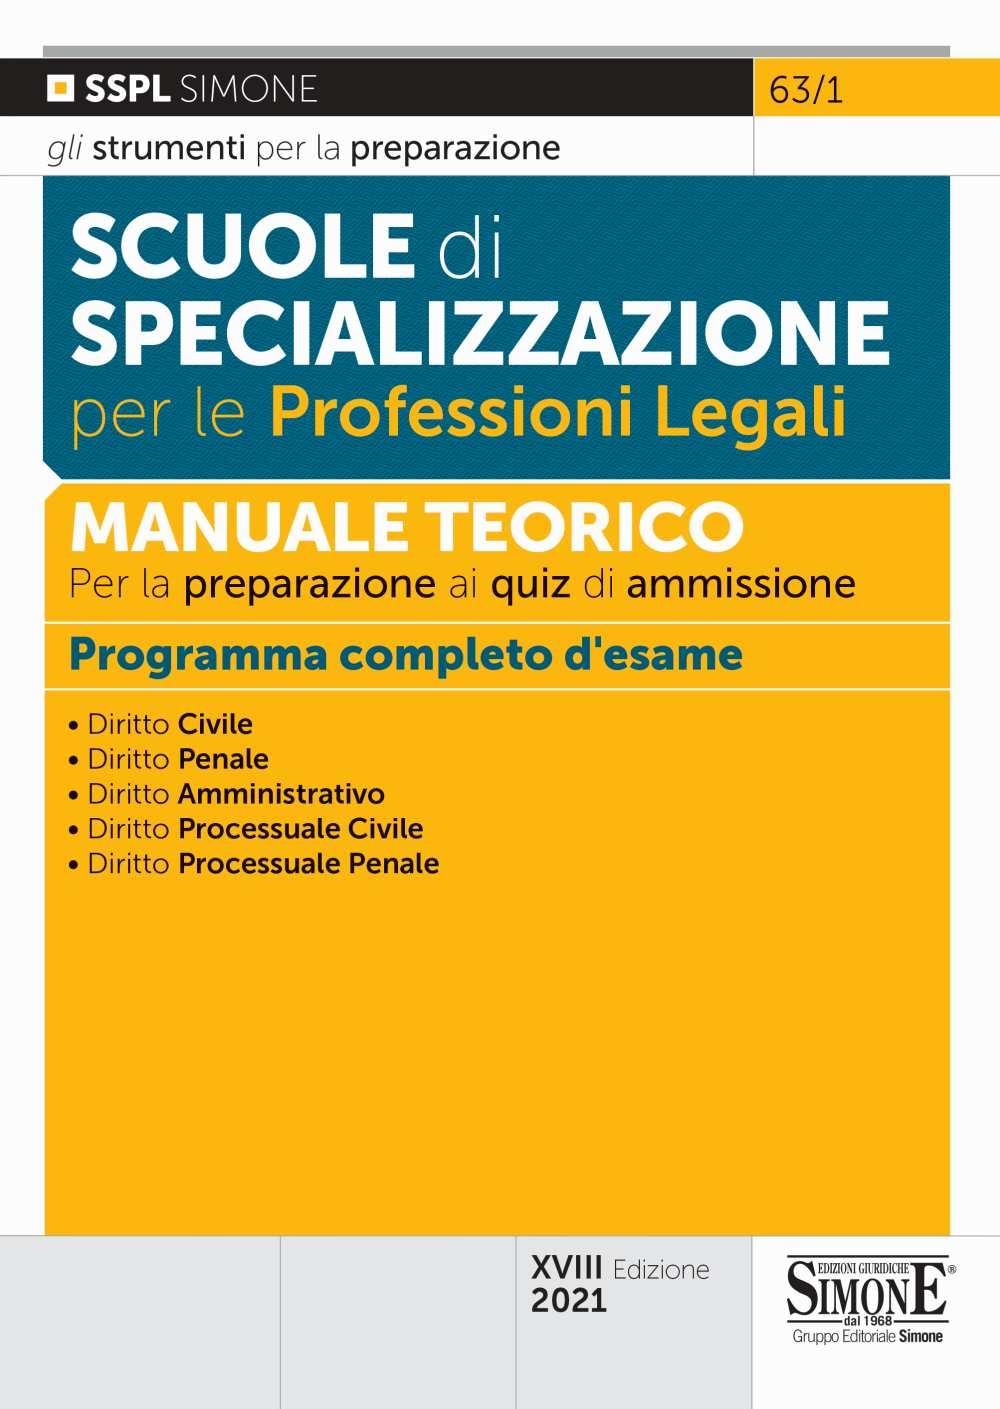 Scuole di Specializzazione per le Professioni Legali - Manuale